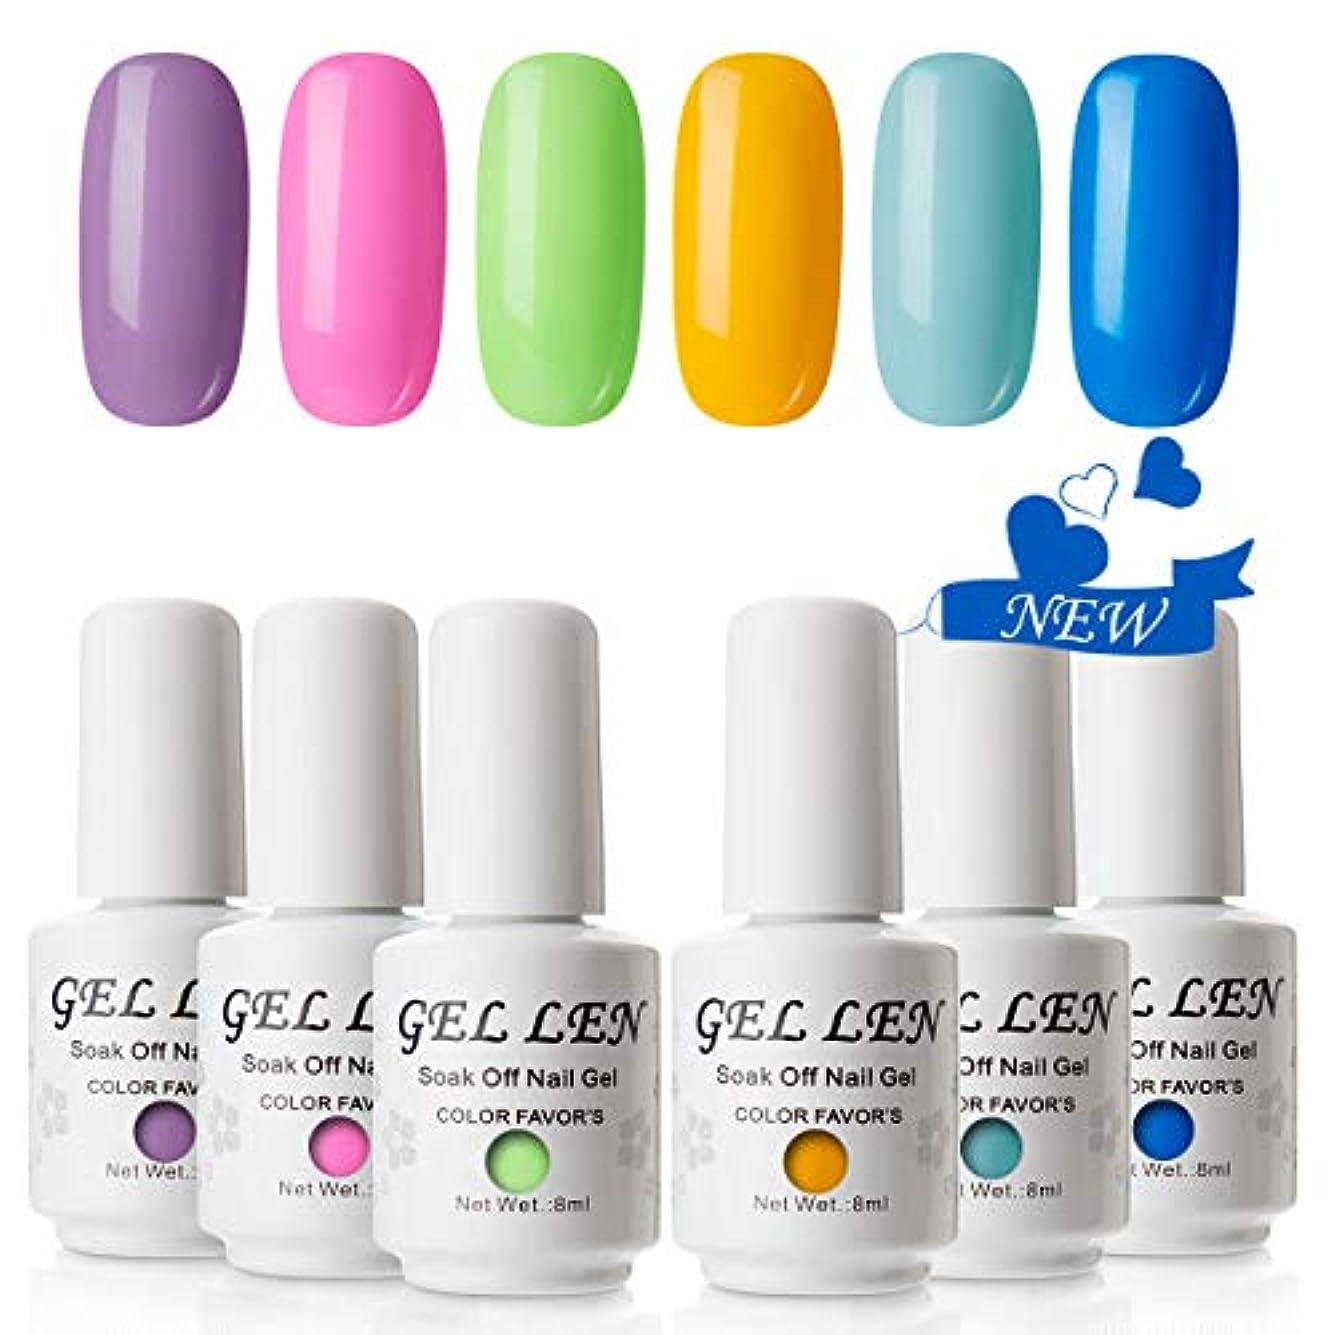 見積り単にトークGellen 透心瓶 ジェルネイル カラー 6色セット 8ml UV?LED ポリッシュタイプ カラージェル ポップ ネオン カラフル ネイルアート